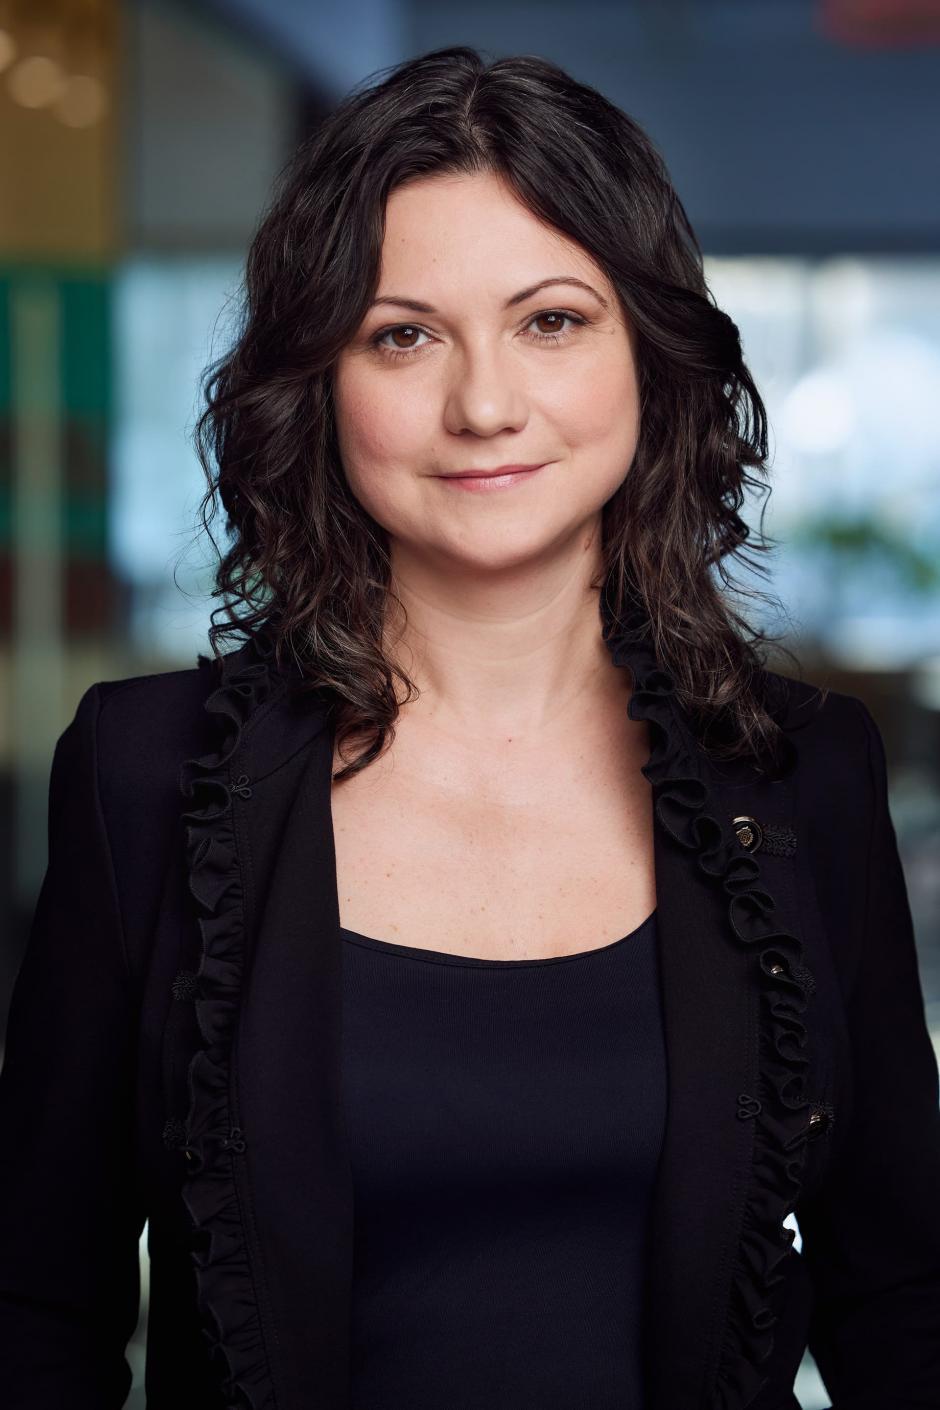 Delia Cristea